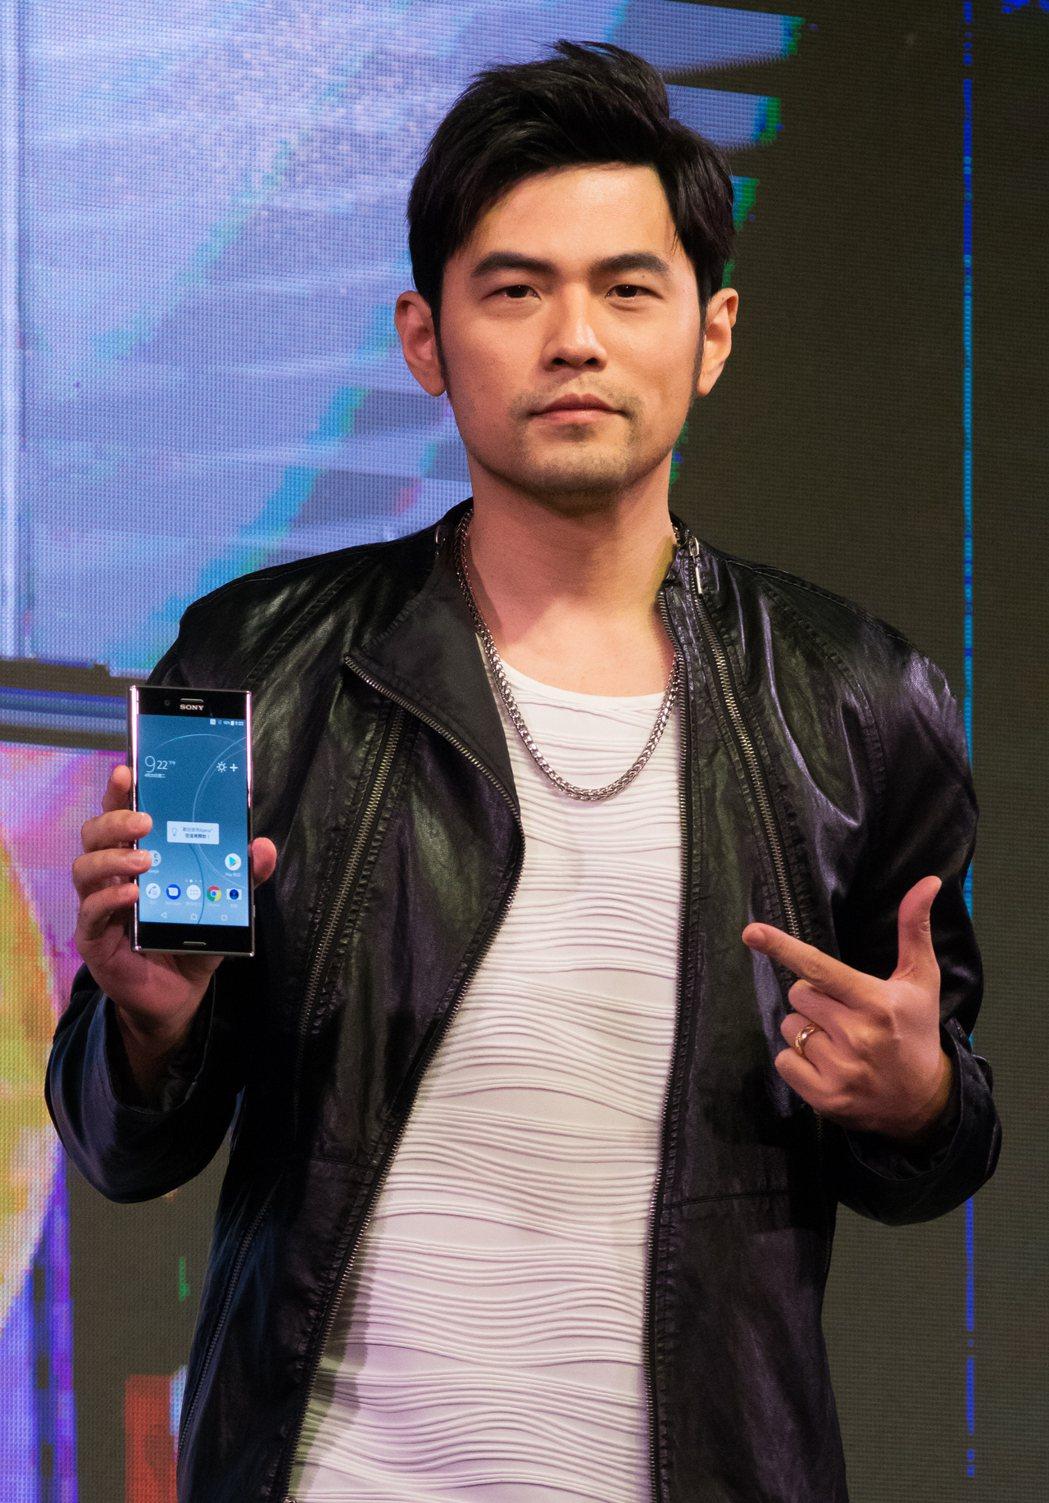 周杰倫現場展示Sony XZ Premium 960fps慢動作拍攝旗艦機。實習...